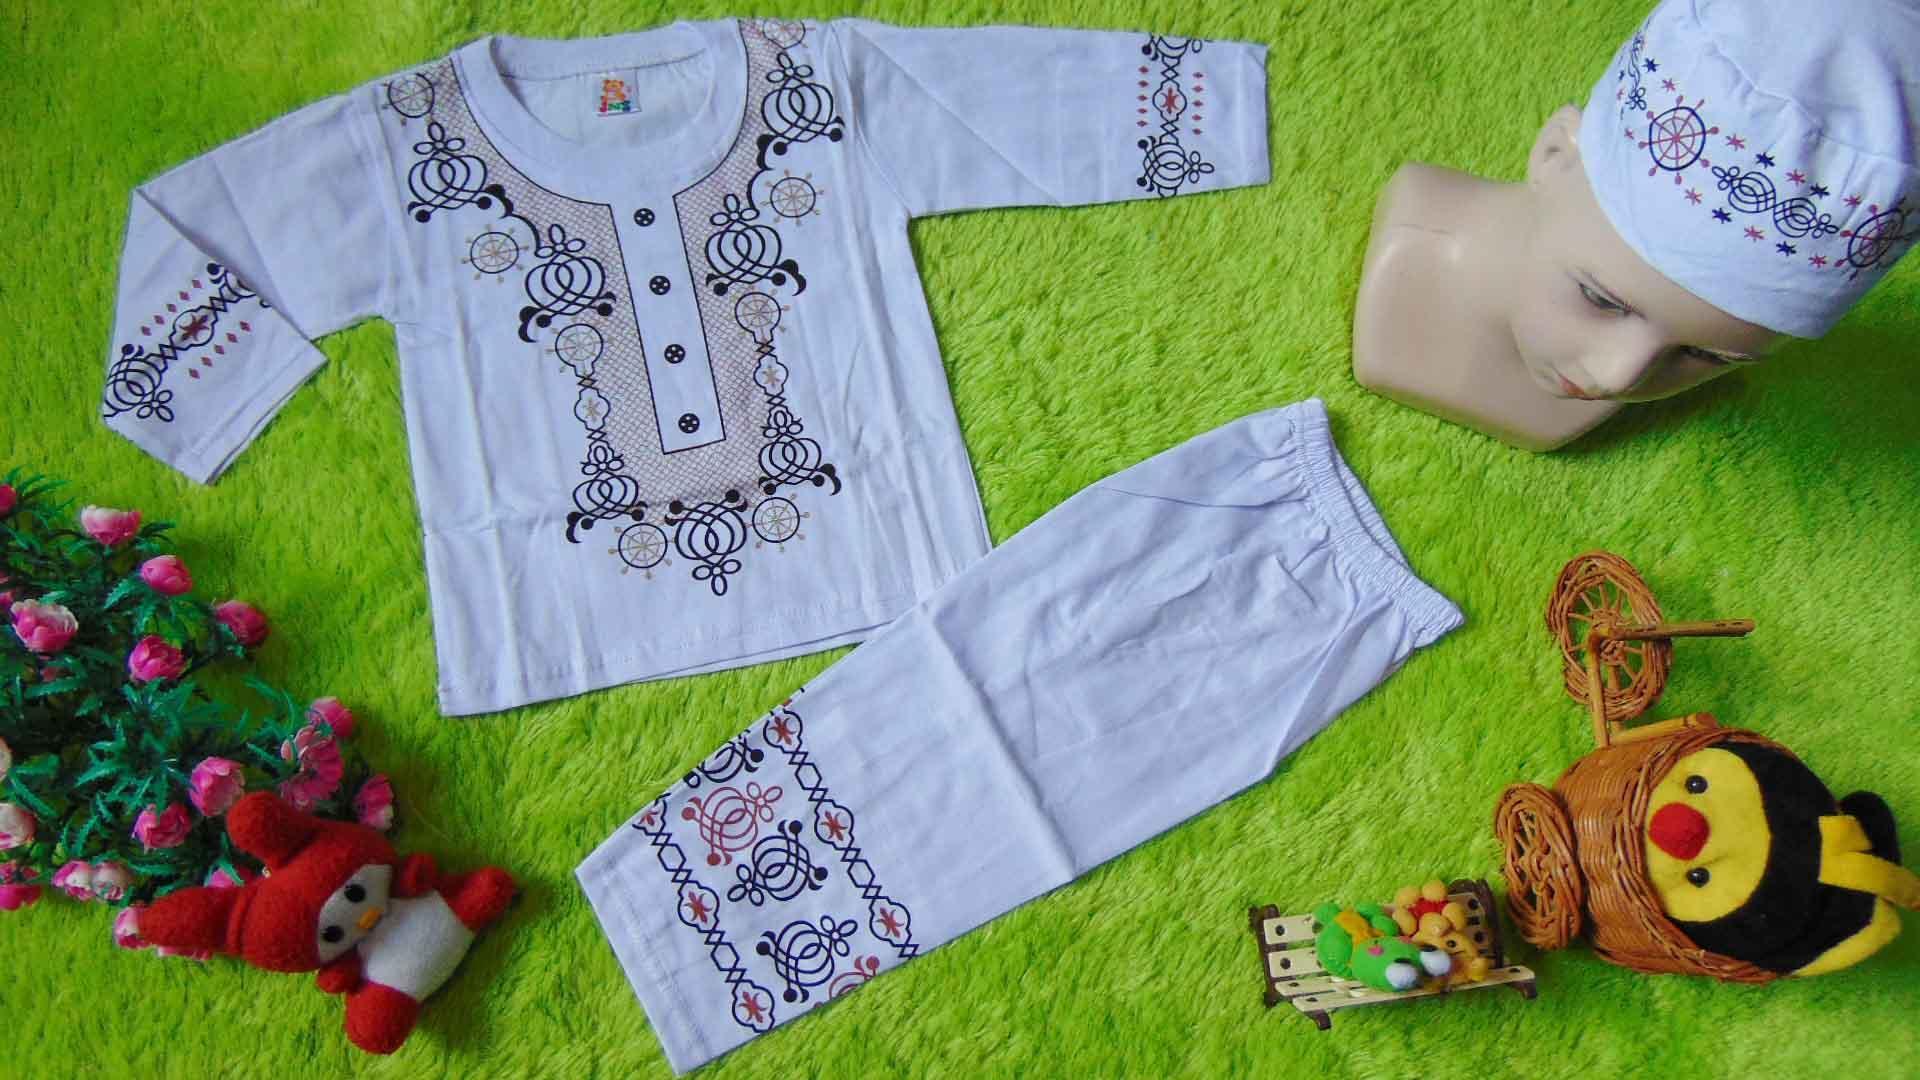 kembarshop - PLUS PECI setelan baju koko muslim anak bayi cowok laki-laki 1-2th putih sablon blink